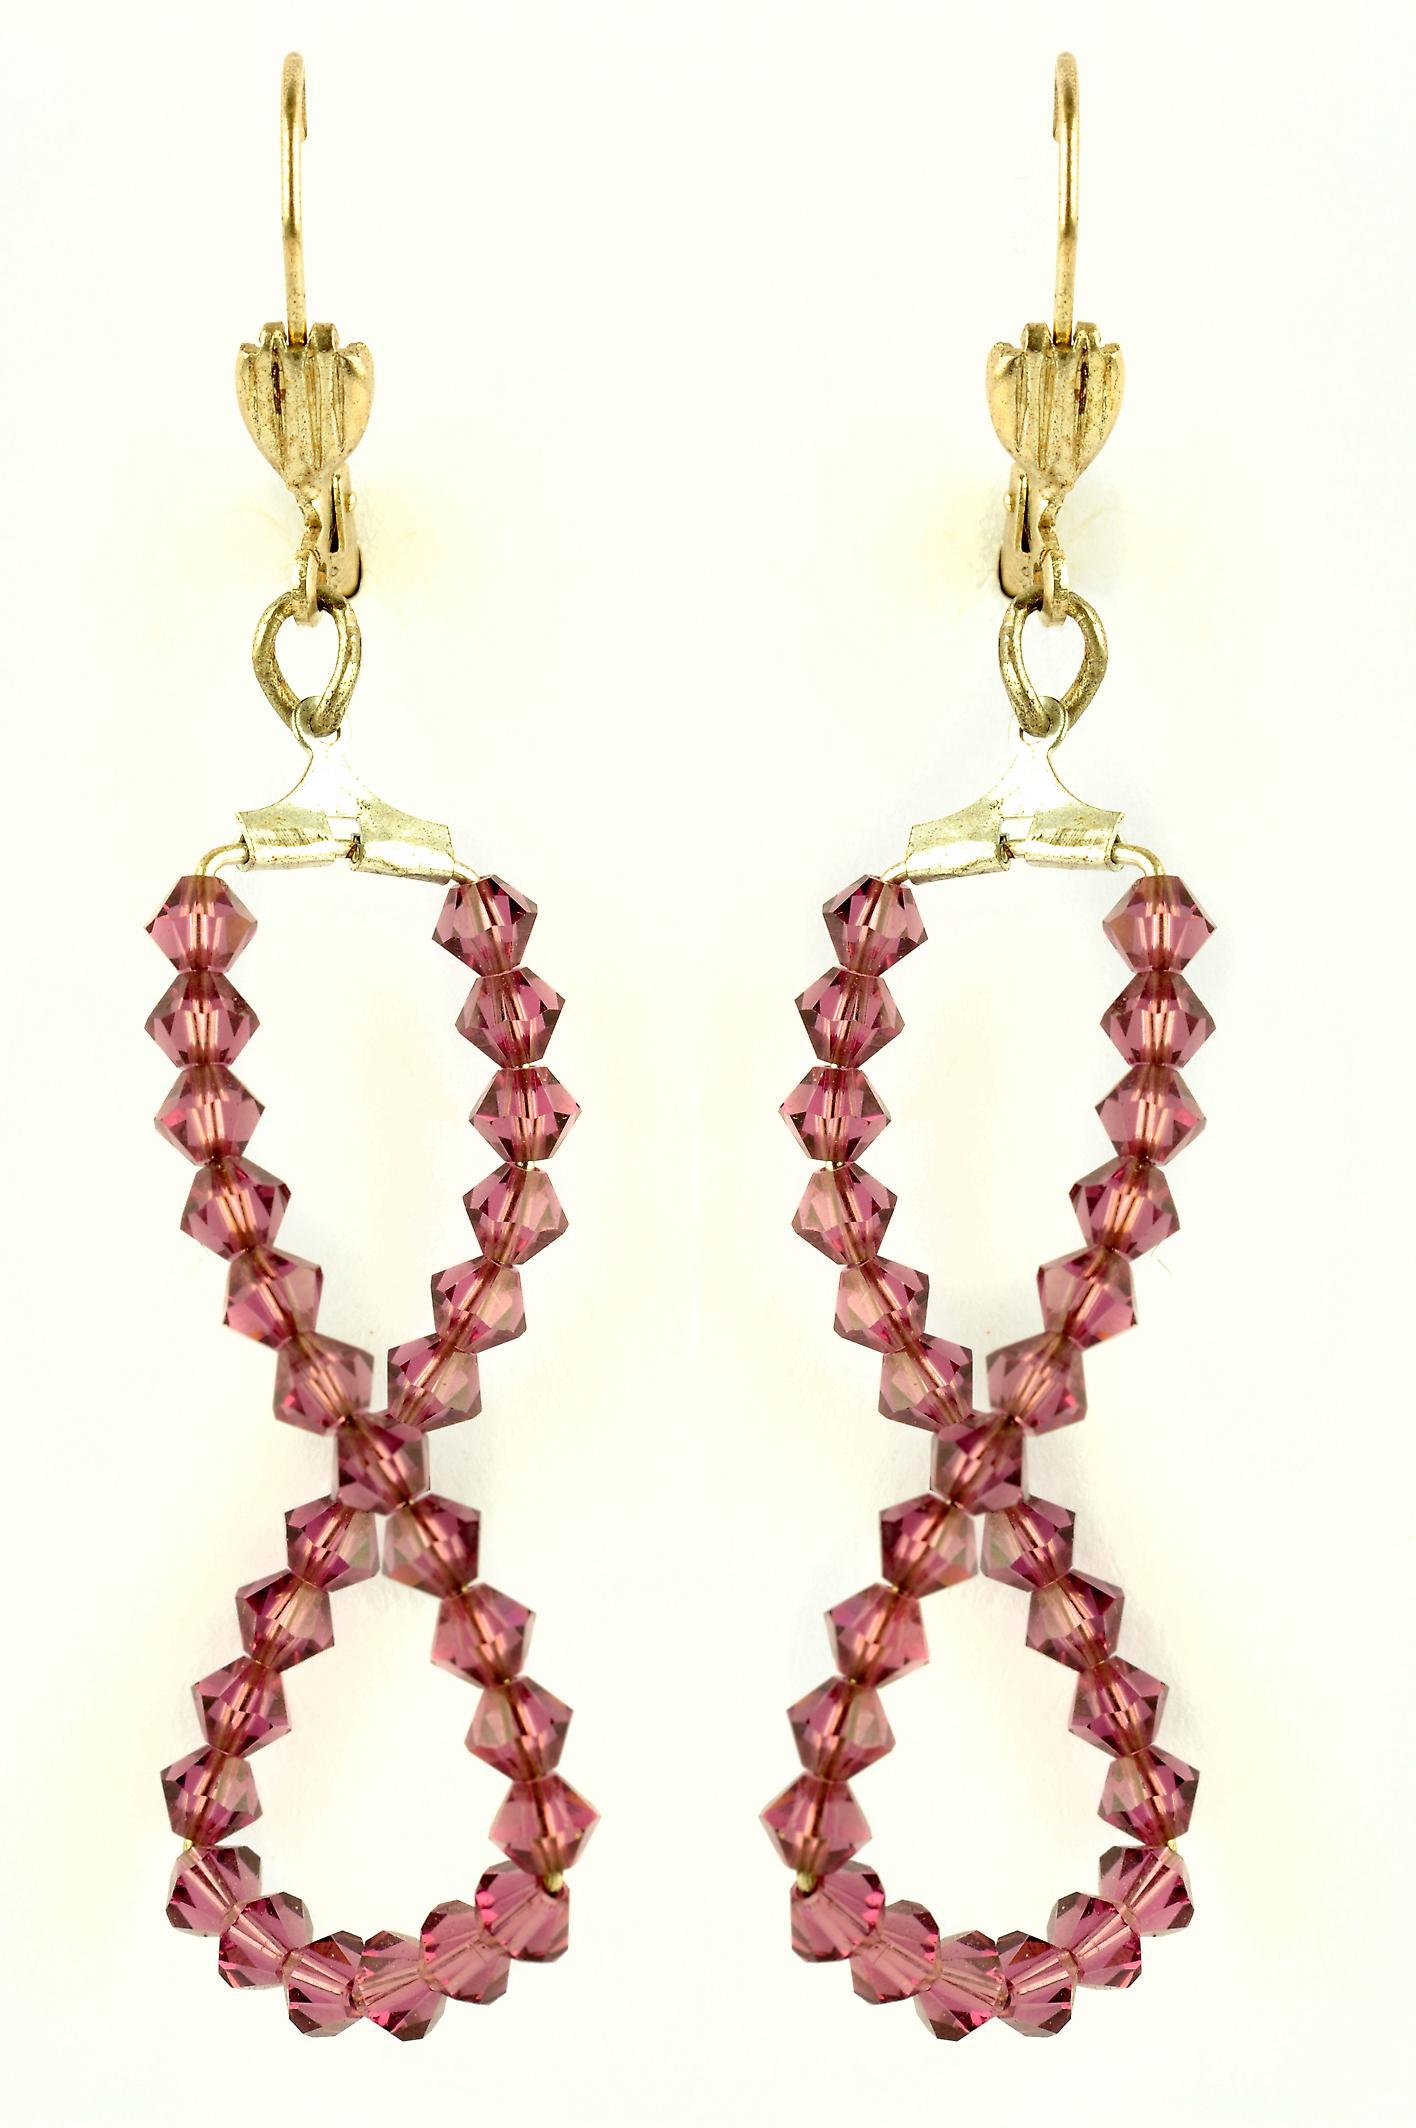 Waooh - Jewelry fancy - WJ0817 - earrings with Rhinestone Swarovski Rose-shaped 8 - mount colour silver